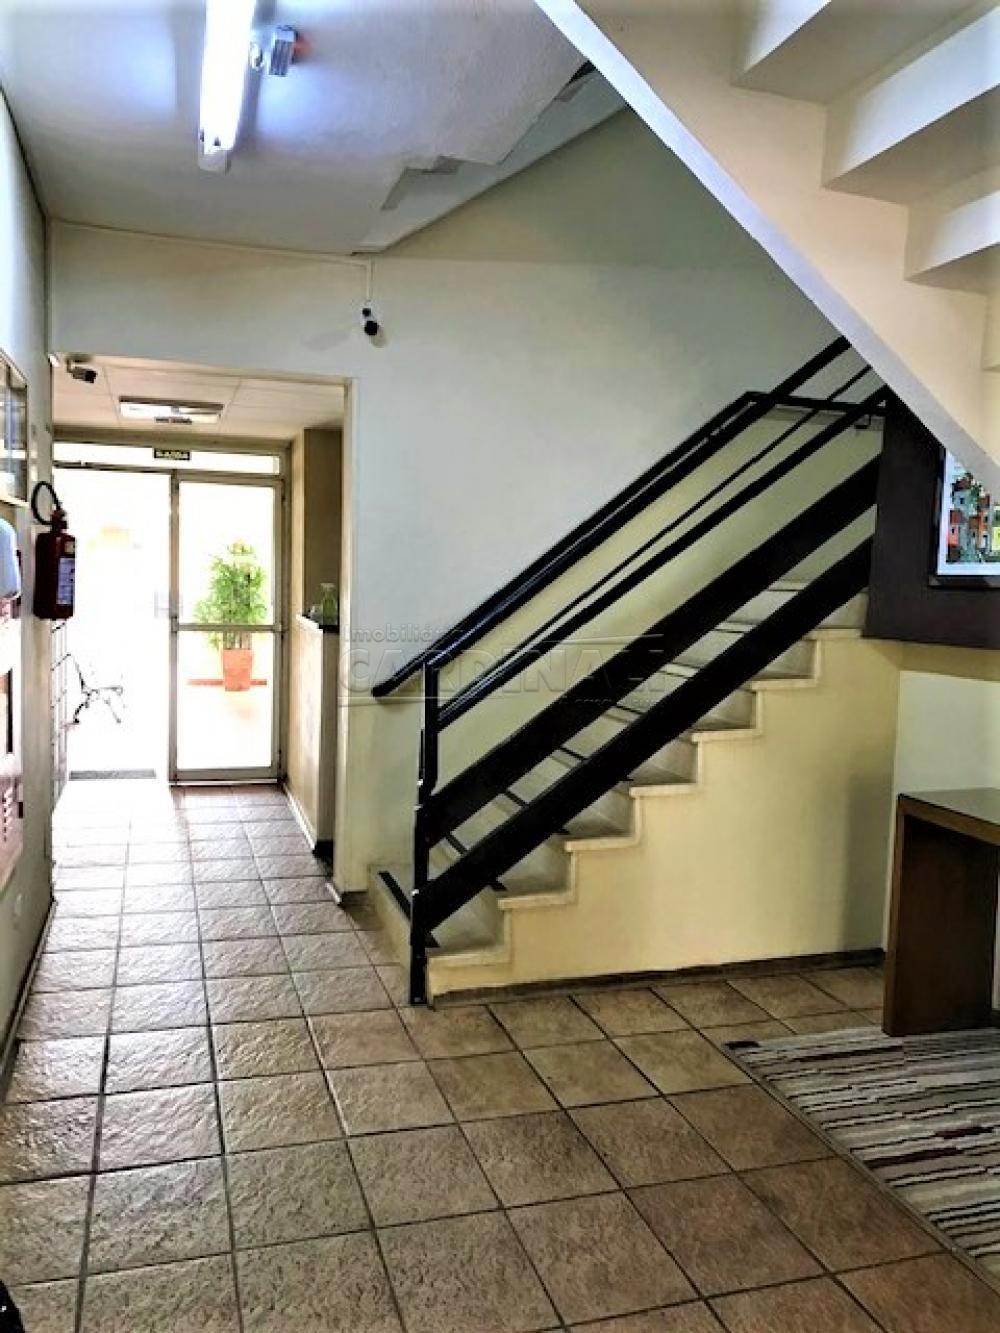 Comprar Apartamento / Padrão em São Carlos R$ 370.000,00 - Foto 4